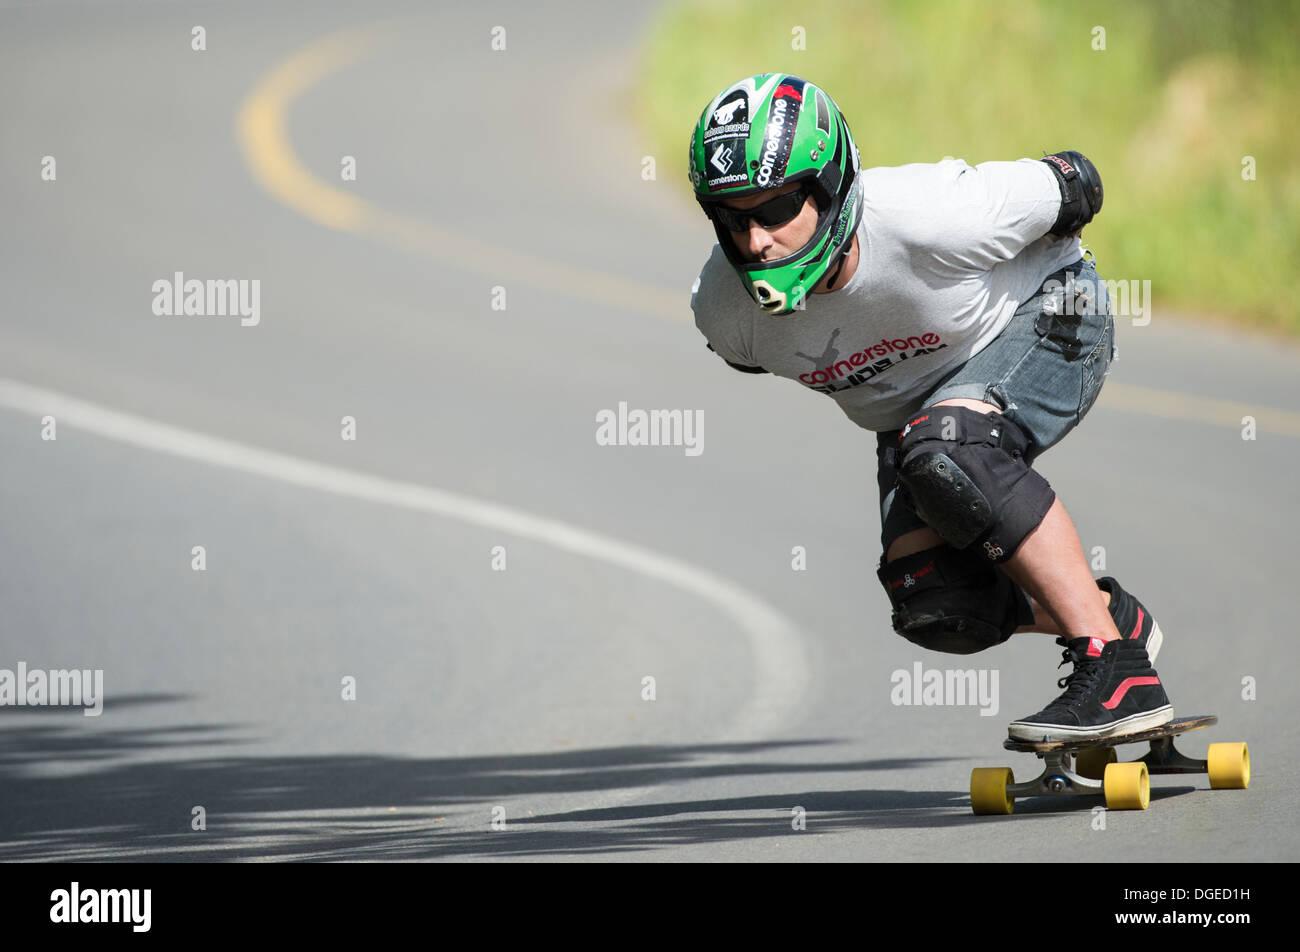 Skateboard longboard formazione uomo in discesa su strada pubblica Immagini Stock